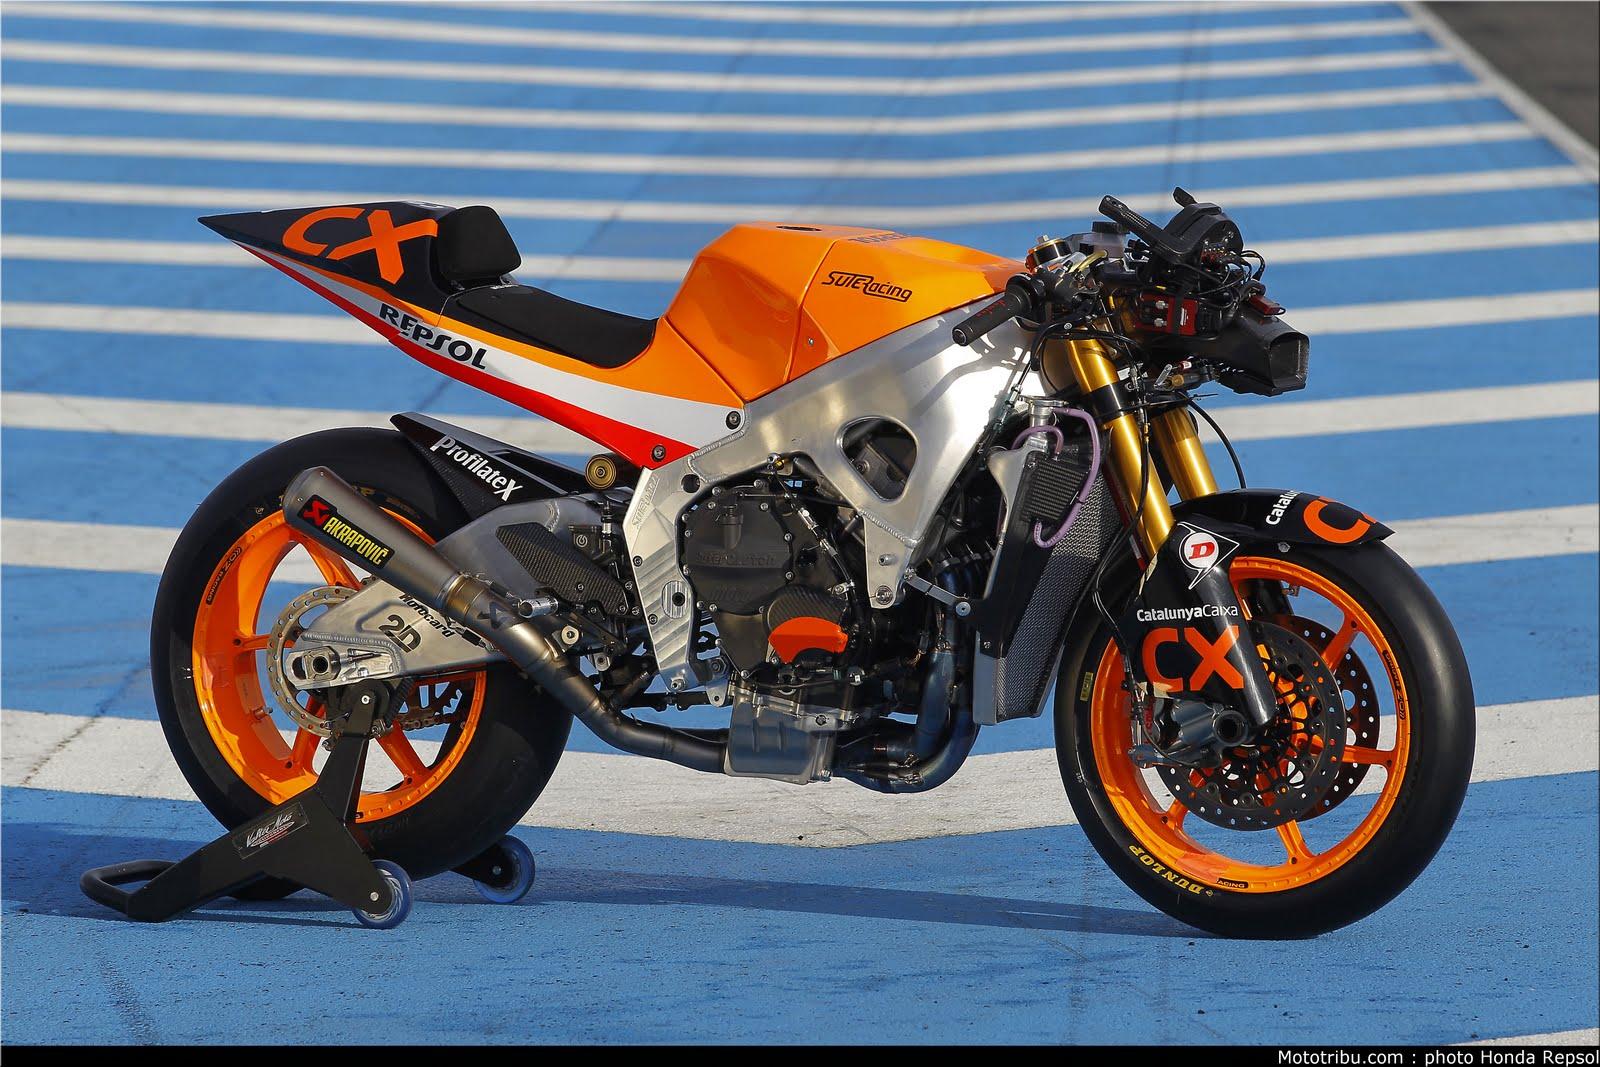 Machines de courses ( Race bikes ) - Page 6 Suter%2BMMX%2BMarquez%2B2011%2B04